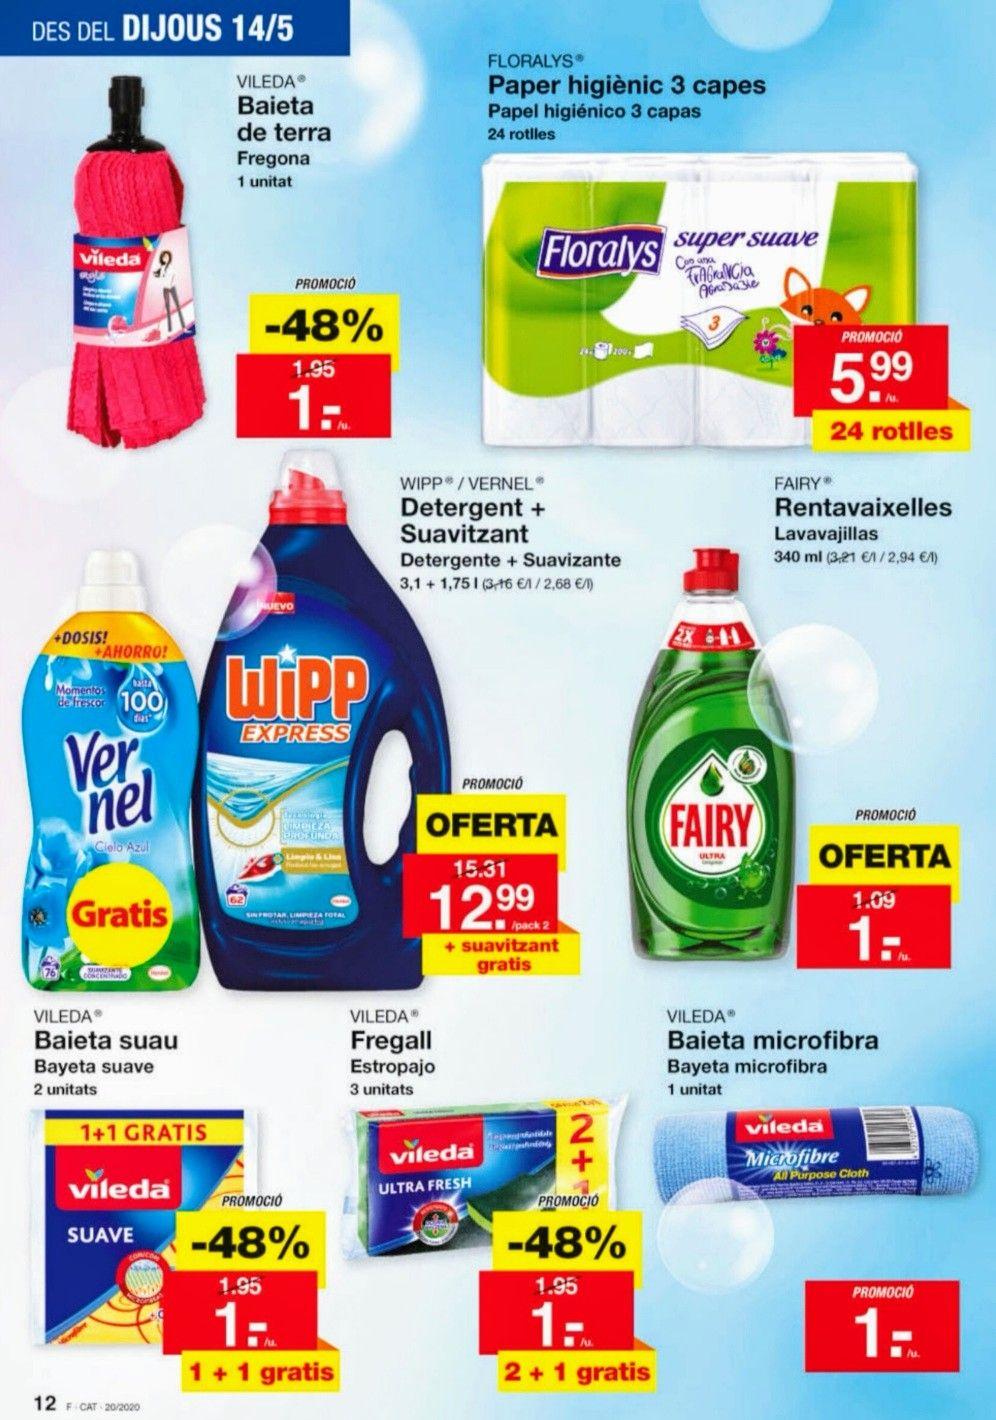 Productos de la marca VILEDA por 1€ en LIDL.(y más ofertas)